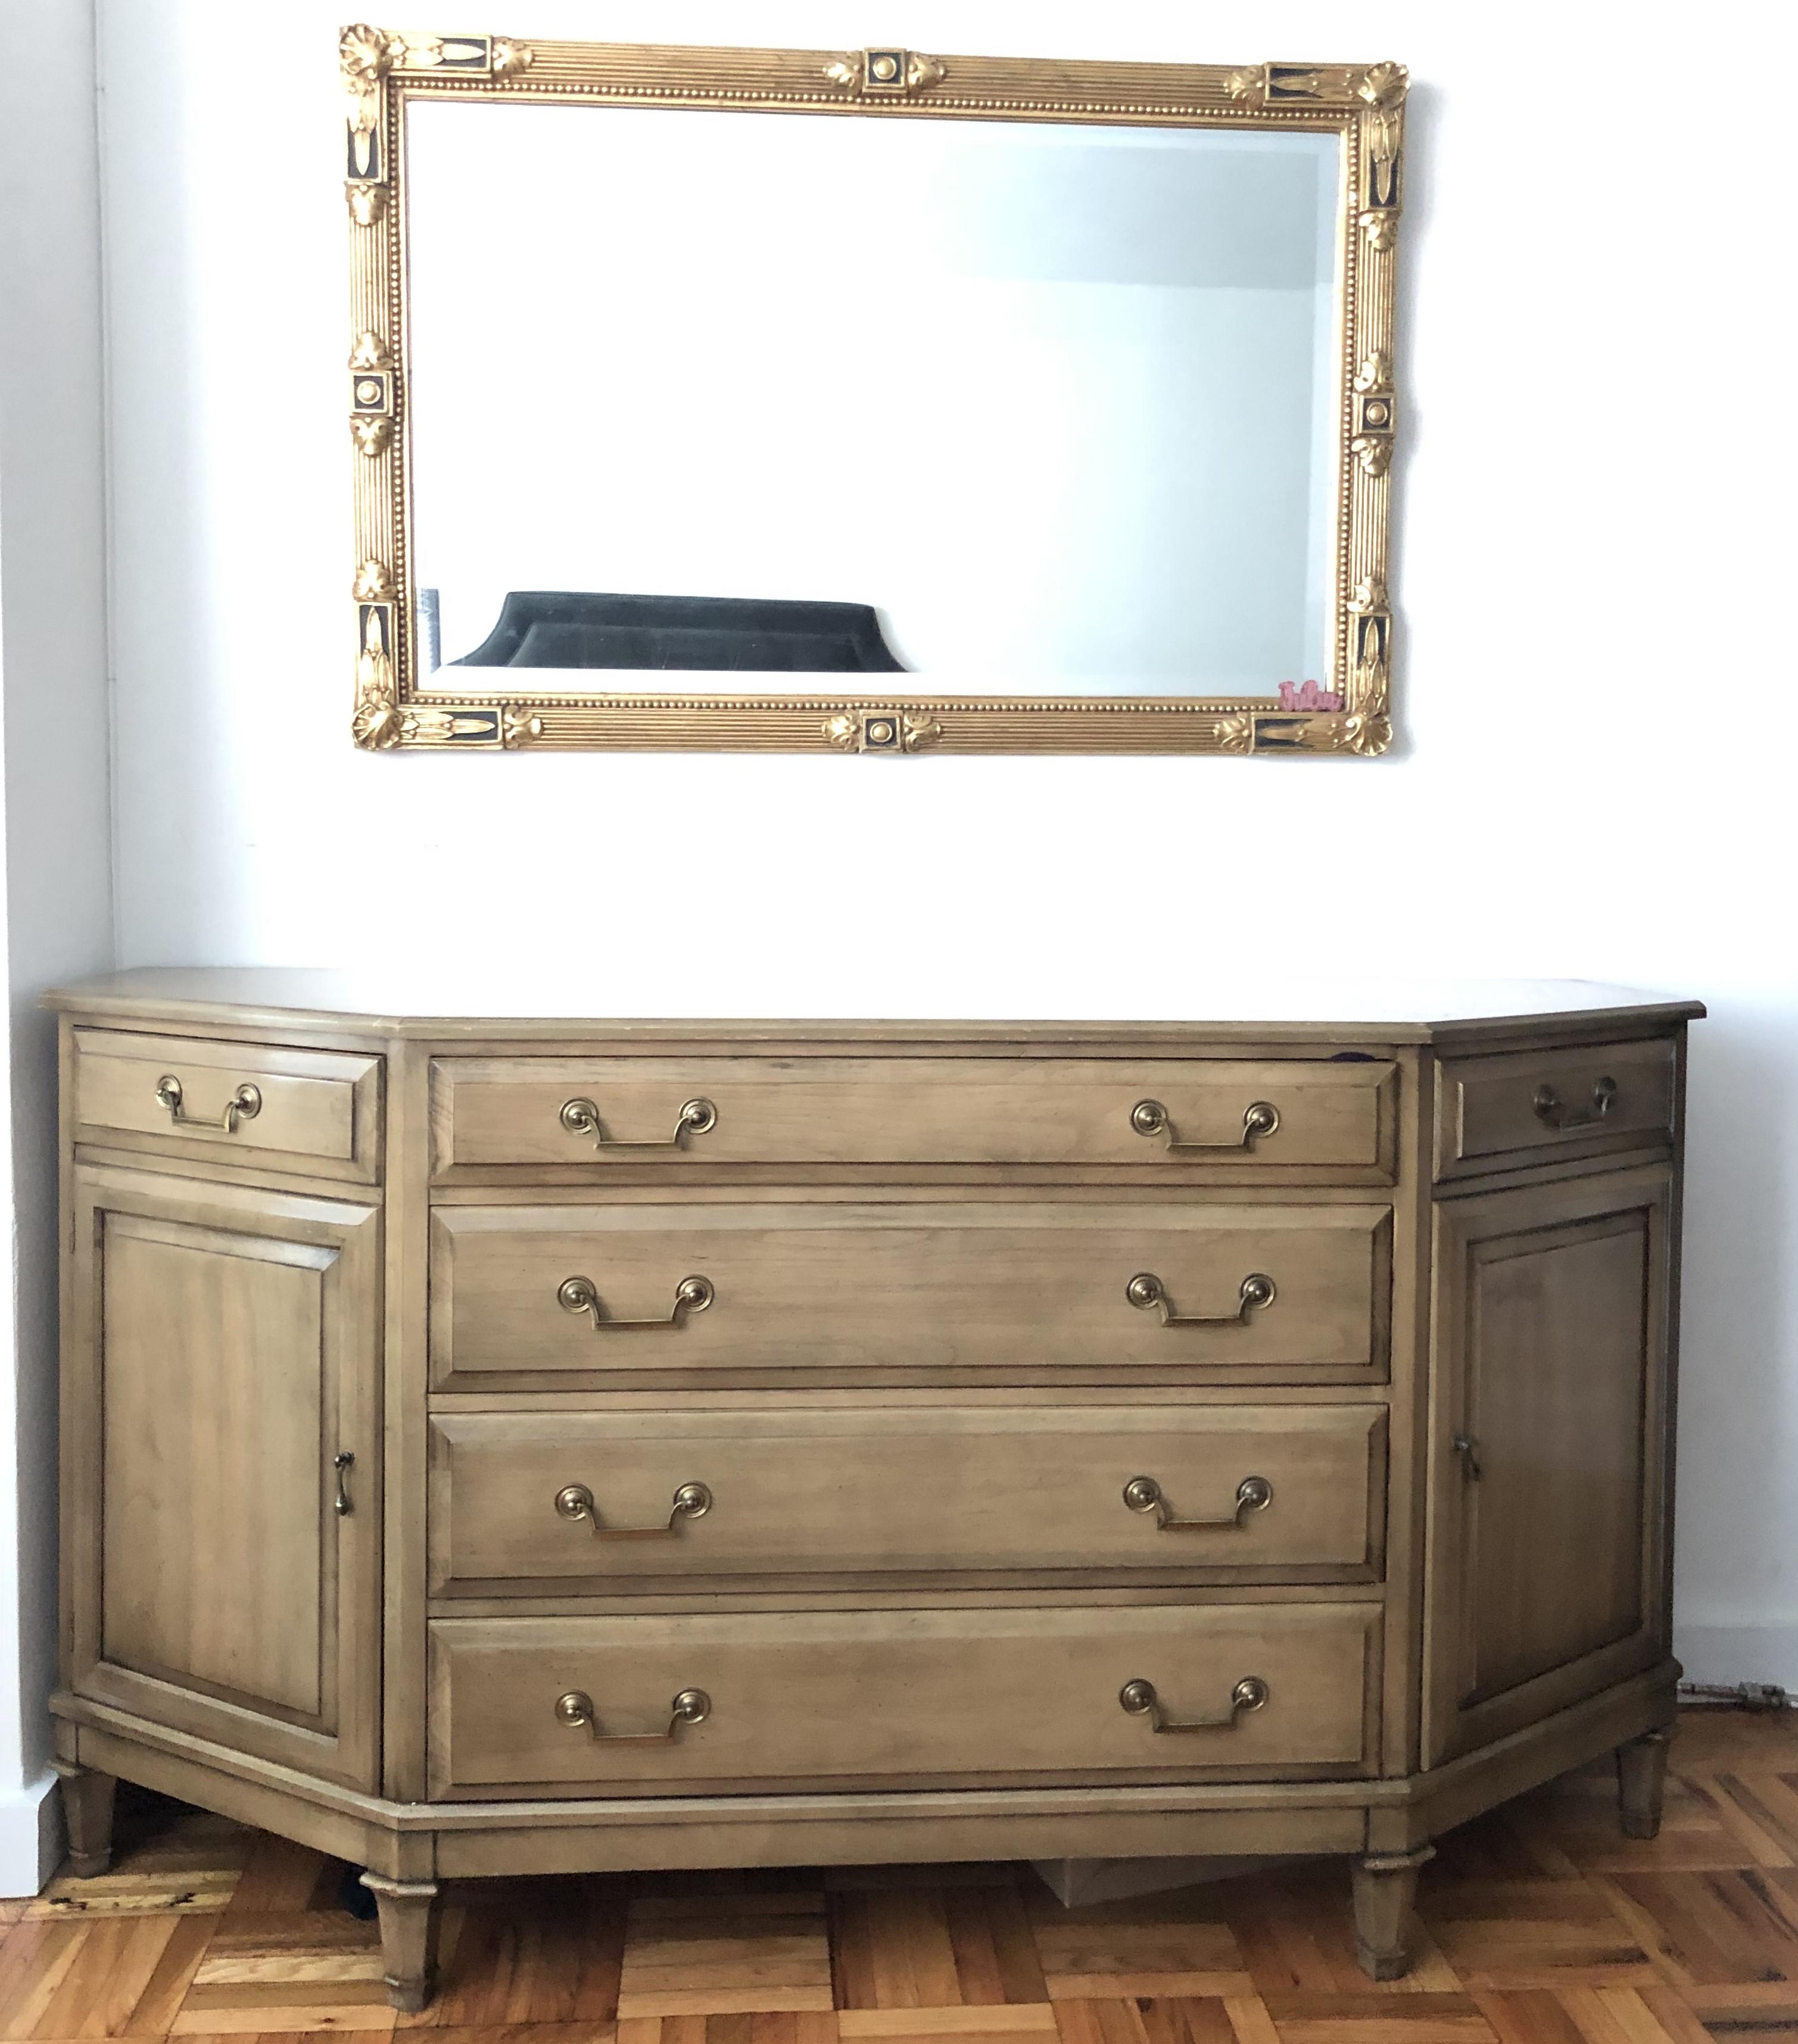 Antique Dresser w/ Brushed Gold Hardware